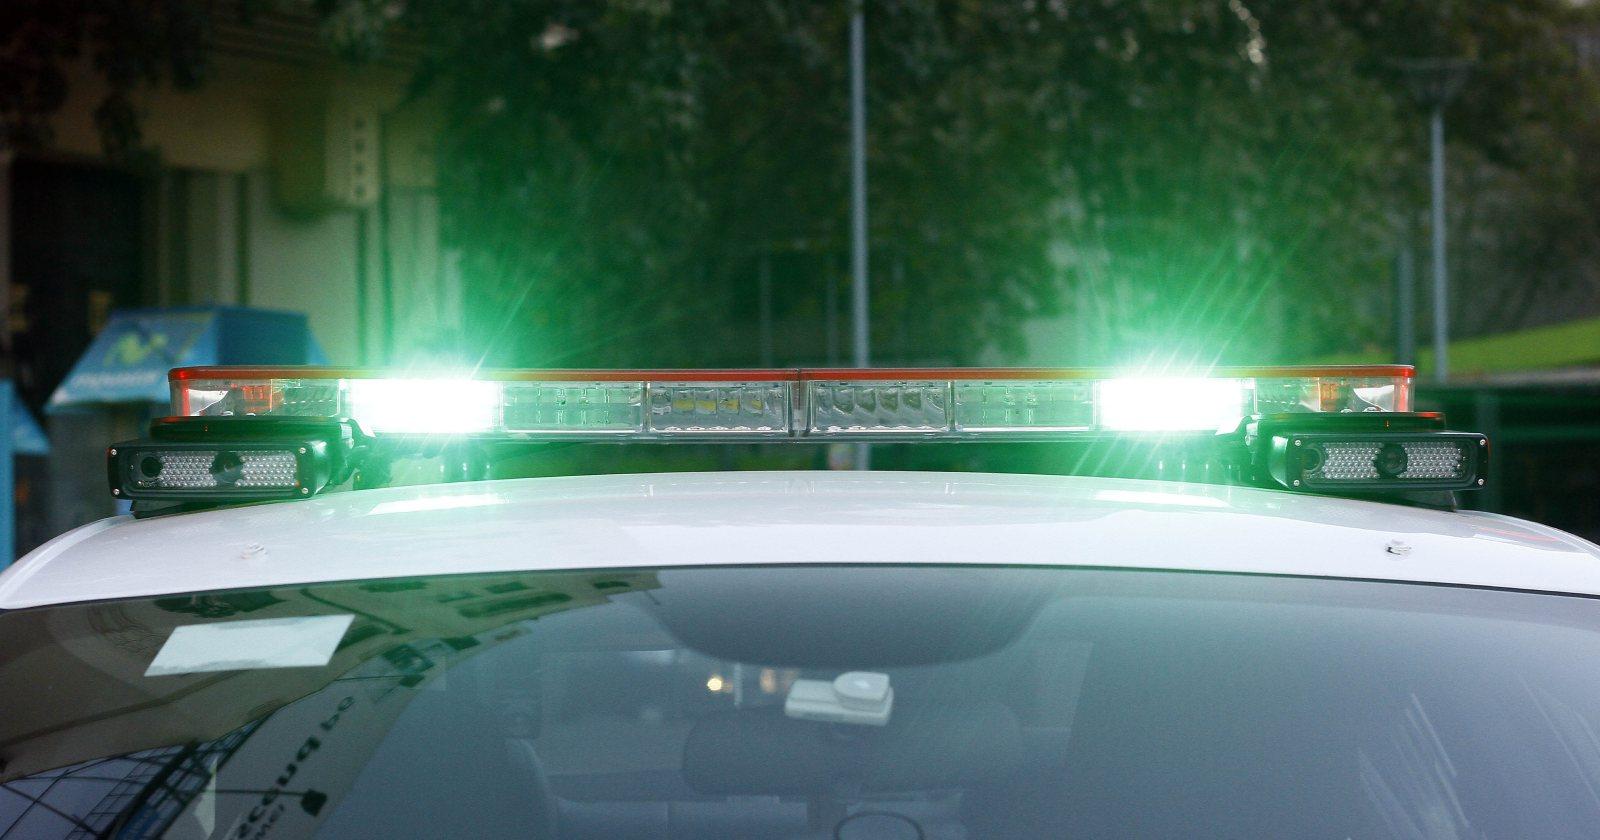 Antecedentes apuntan a carabineros como autores de balacera en La Florida